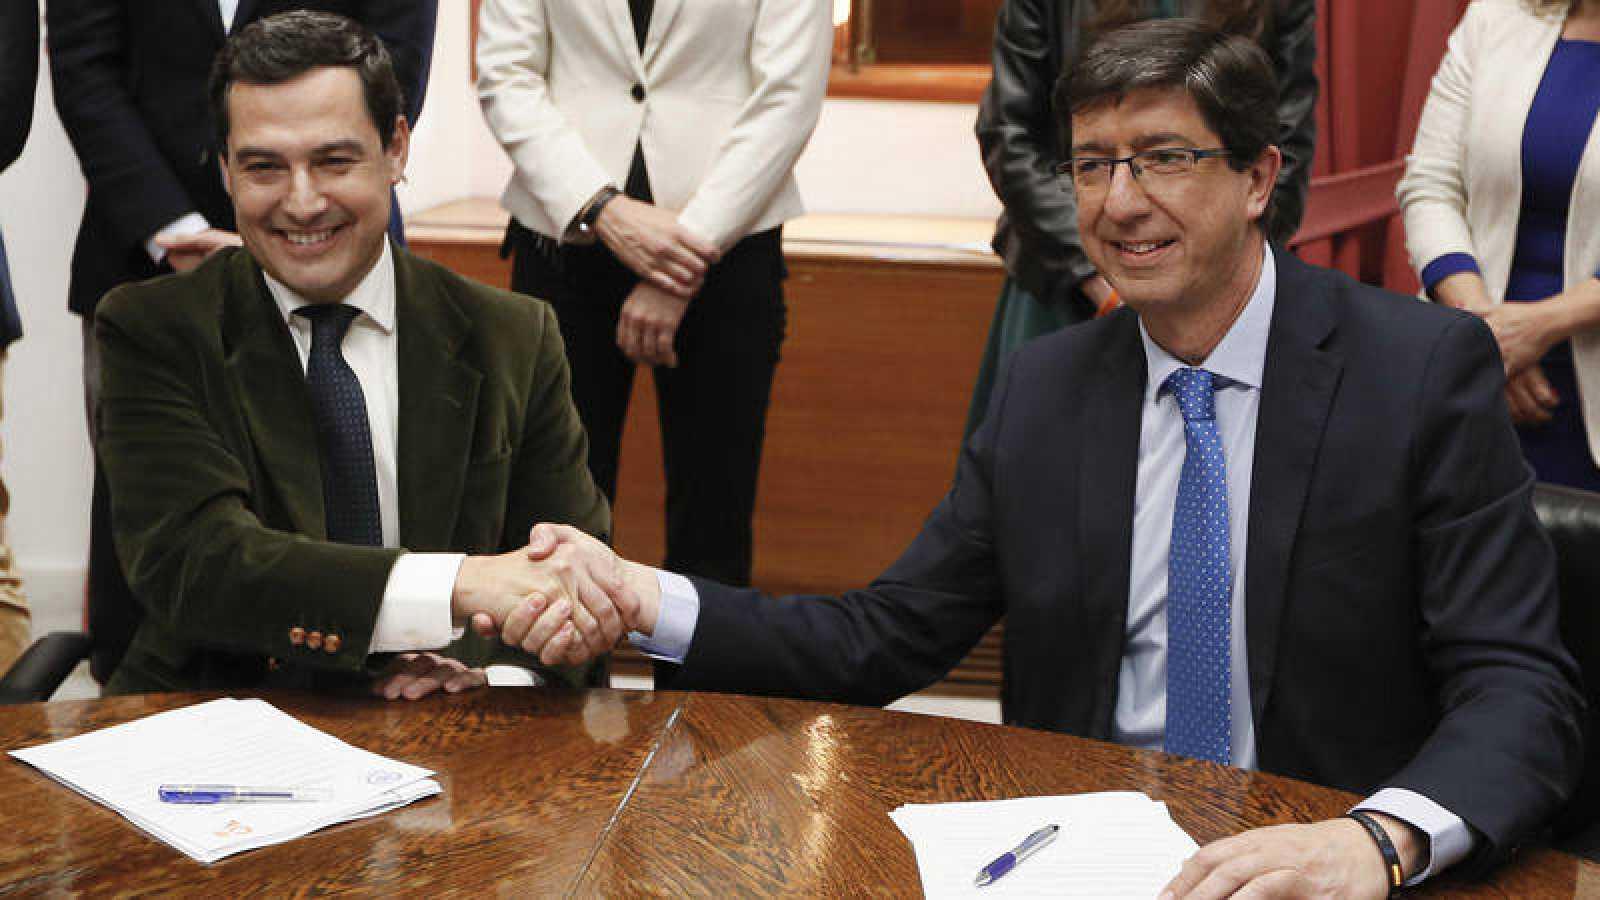 Los presidentes del PP y Ciudadanos en Andalucía, Juanma Moreno y Juan Marín en el momento de la firma del pacto de Gobierno (foto archivo)